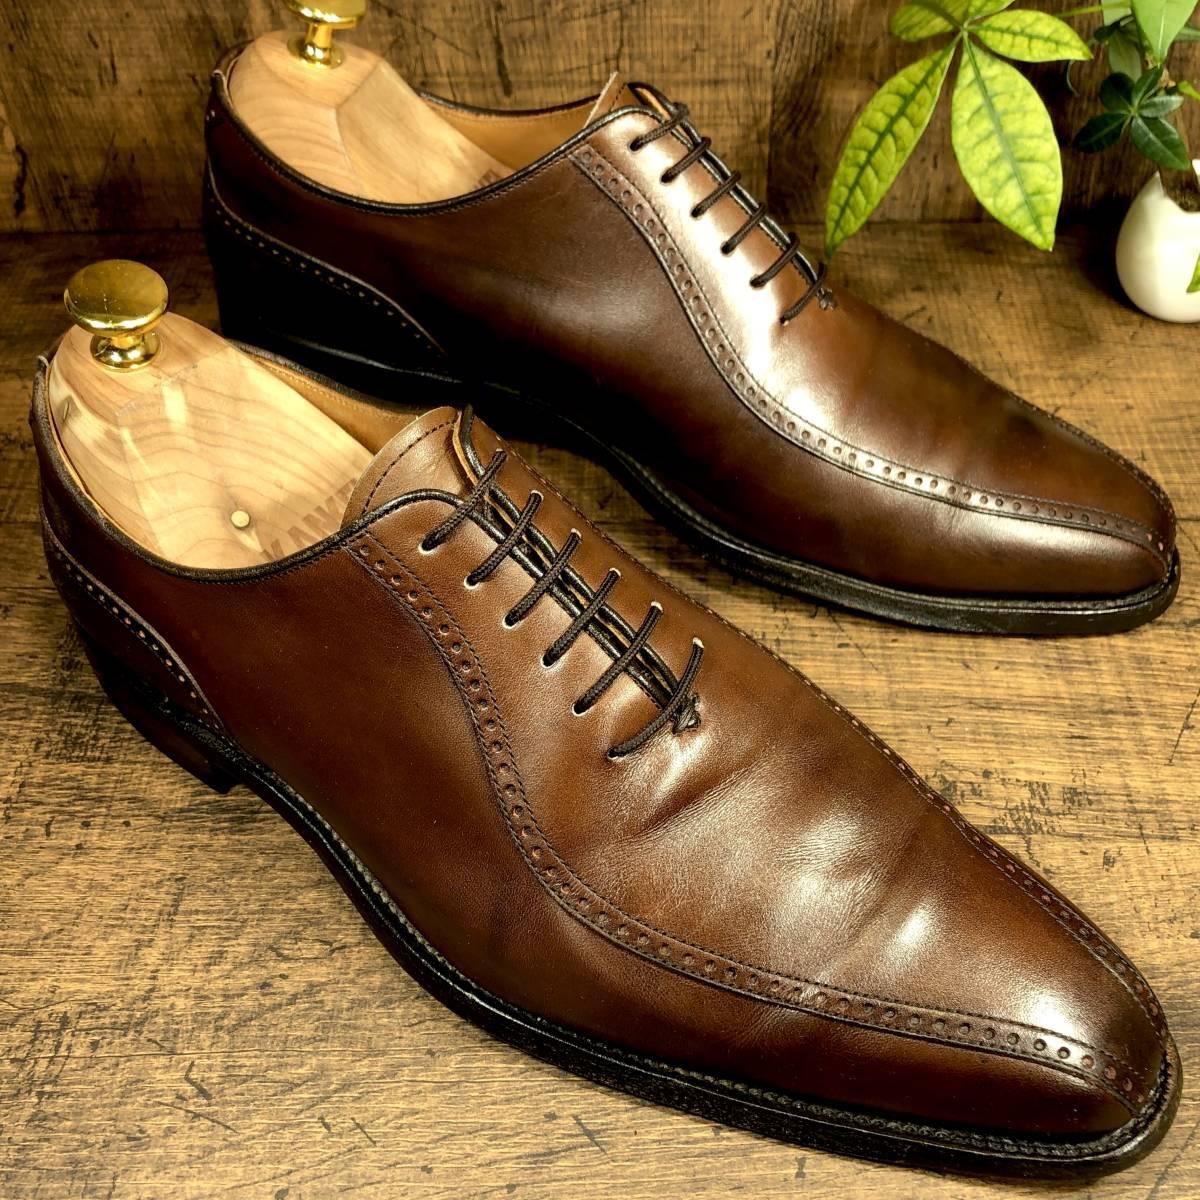 即決■SCOTCH GRAIN■ 26cm 茶 ブラウン スコッチグレイン スワールトゥ ビジネス ドレス メンズ 革靴 靴 レザー